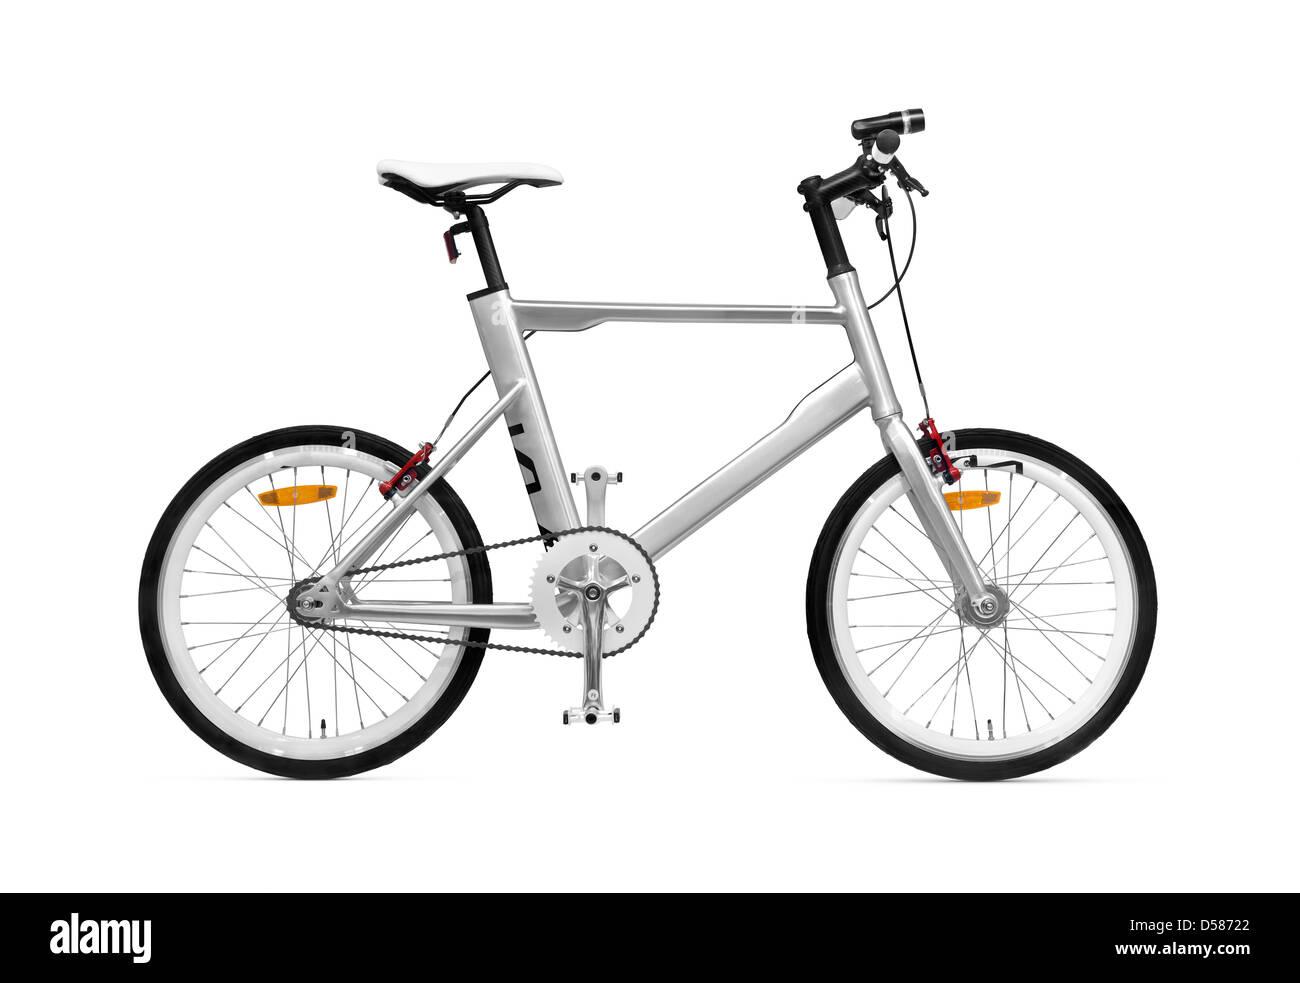 K VELO bici Kia Motors bike isolato su sfondo bianco con tracciato di ritaglio Immagini Stock